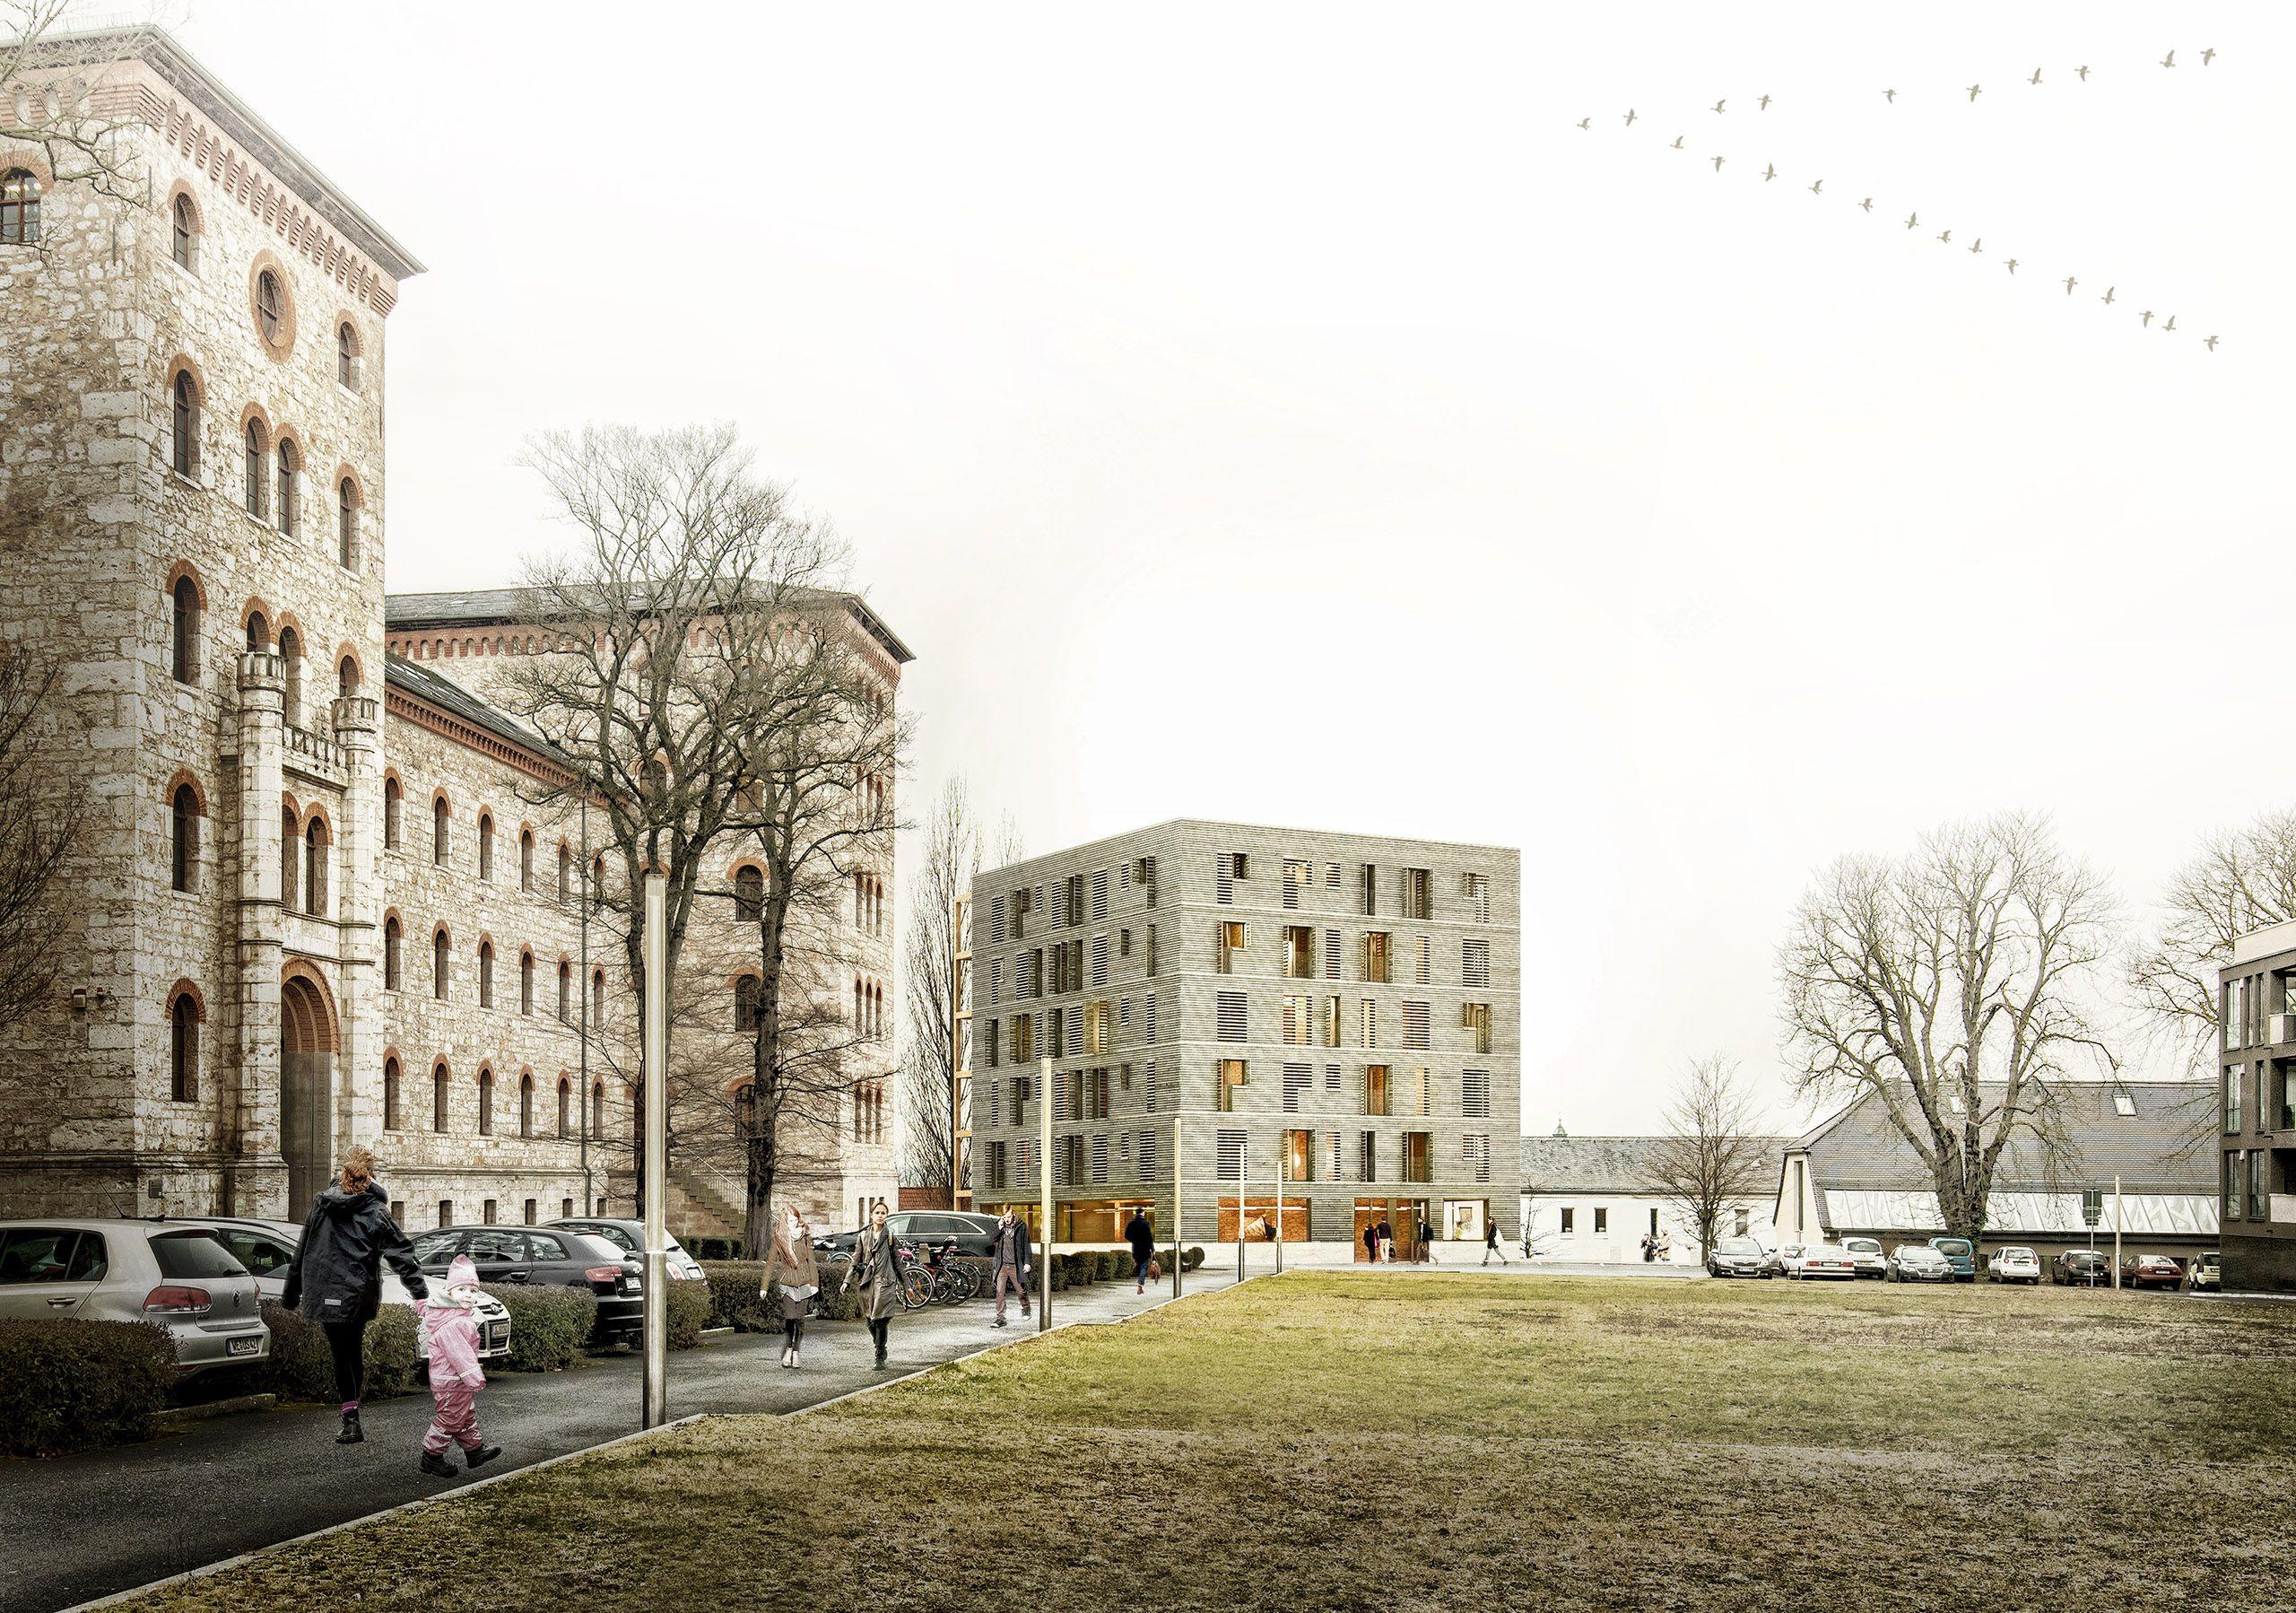 Architekturvisualisierung Berlin architektur wettbewerb weimar berlin deutschland holzbau